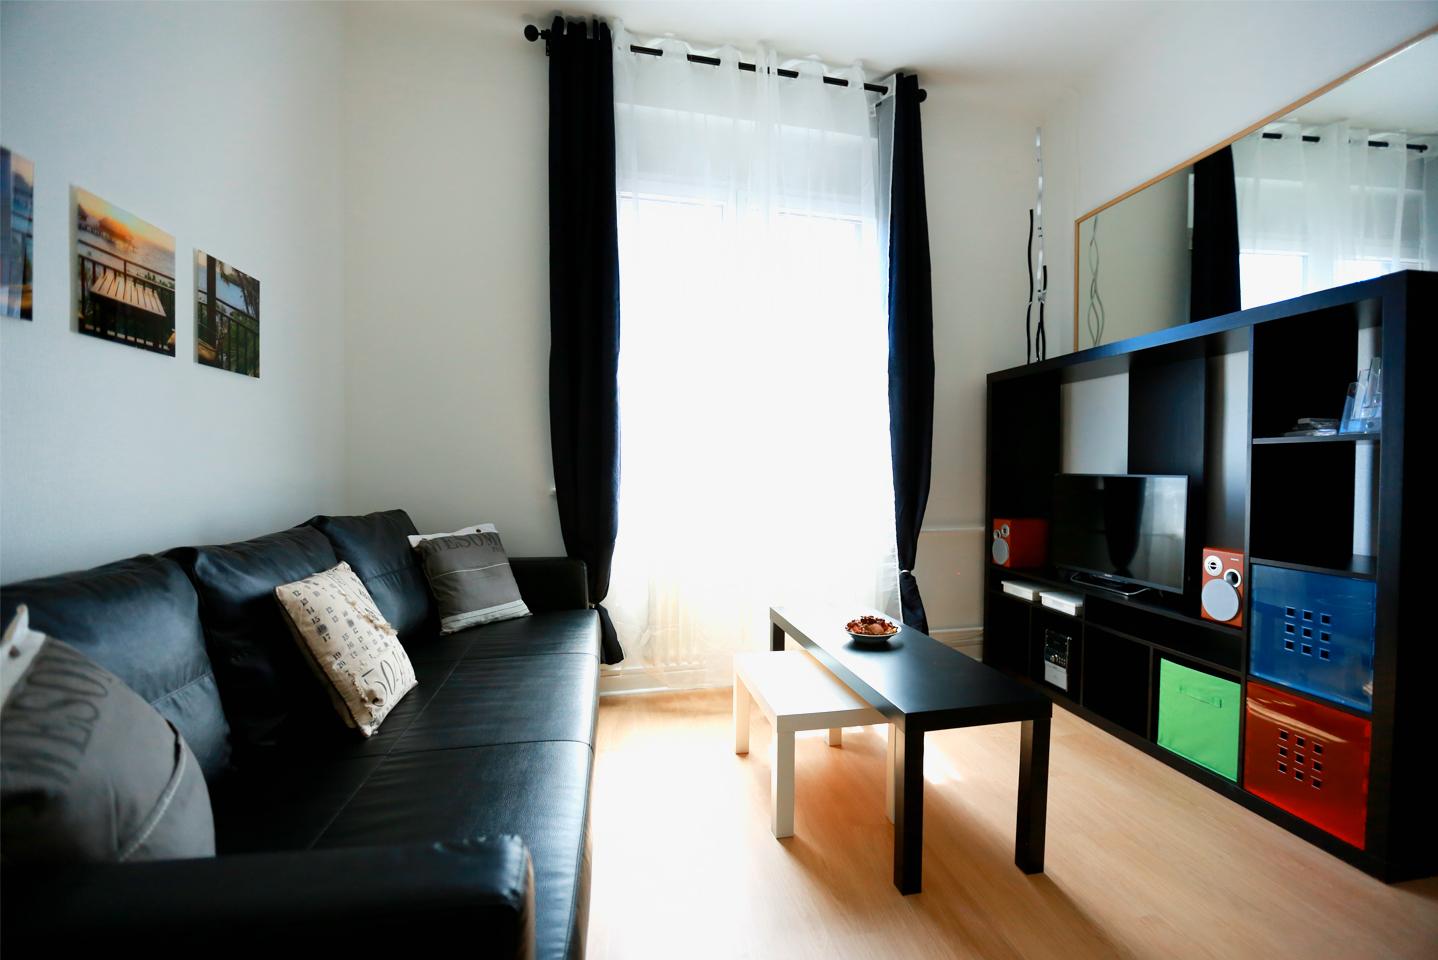 eclairage sejour cathedrale luclairage dans la salle de bains deco luminaires clairage led. Black Bedroom Furniture Sets. Home Design Ideas